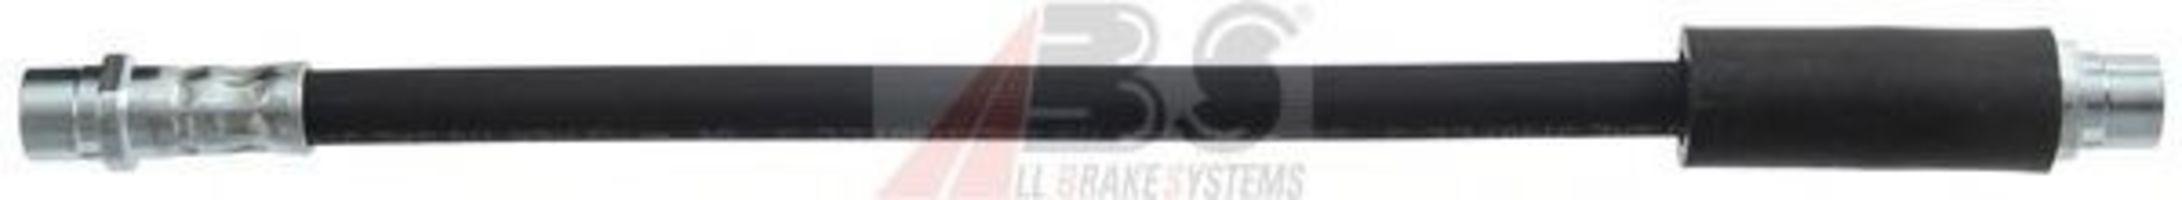 Шланг тормозной A.B.S. SL 3576